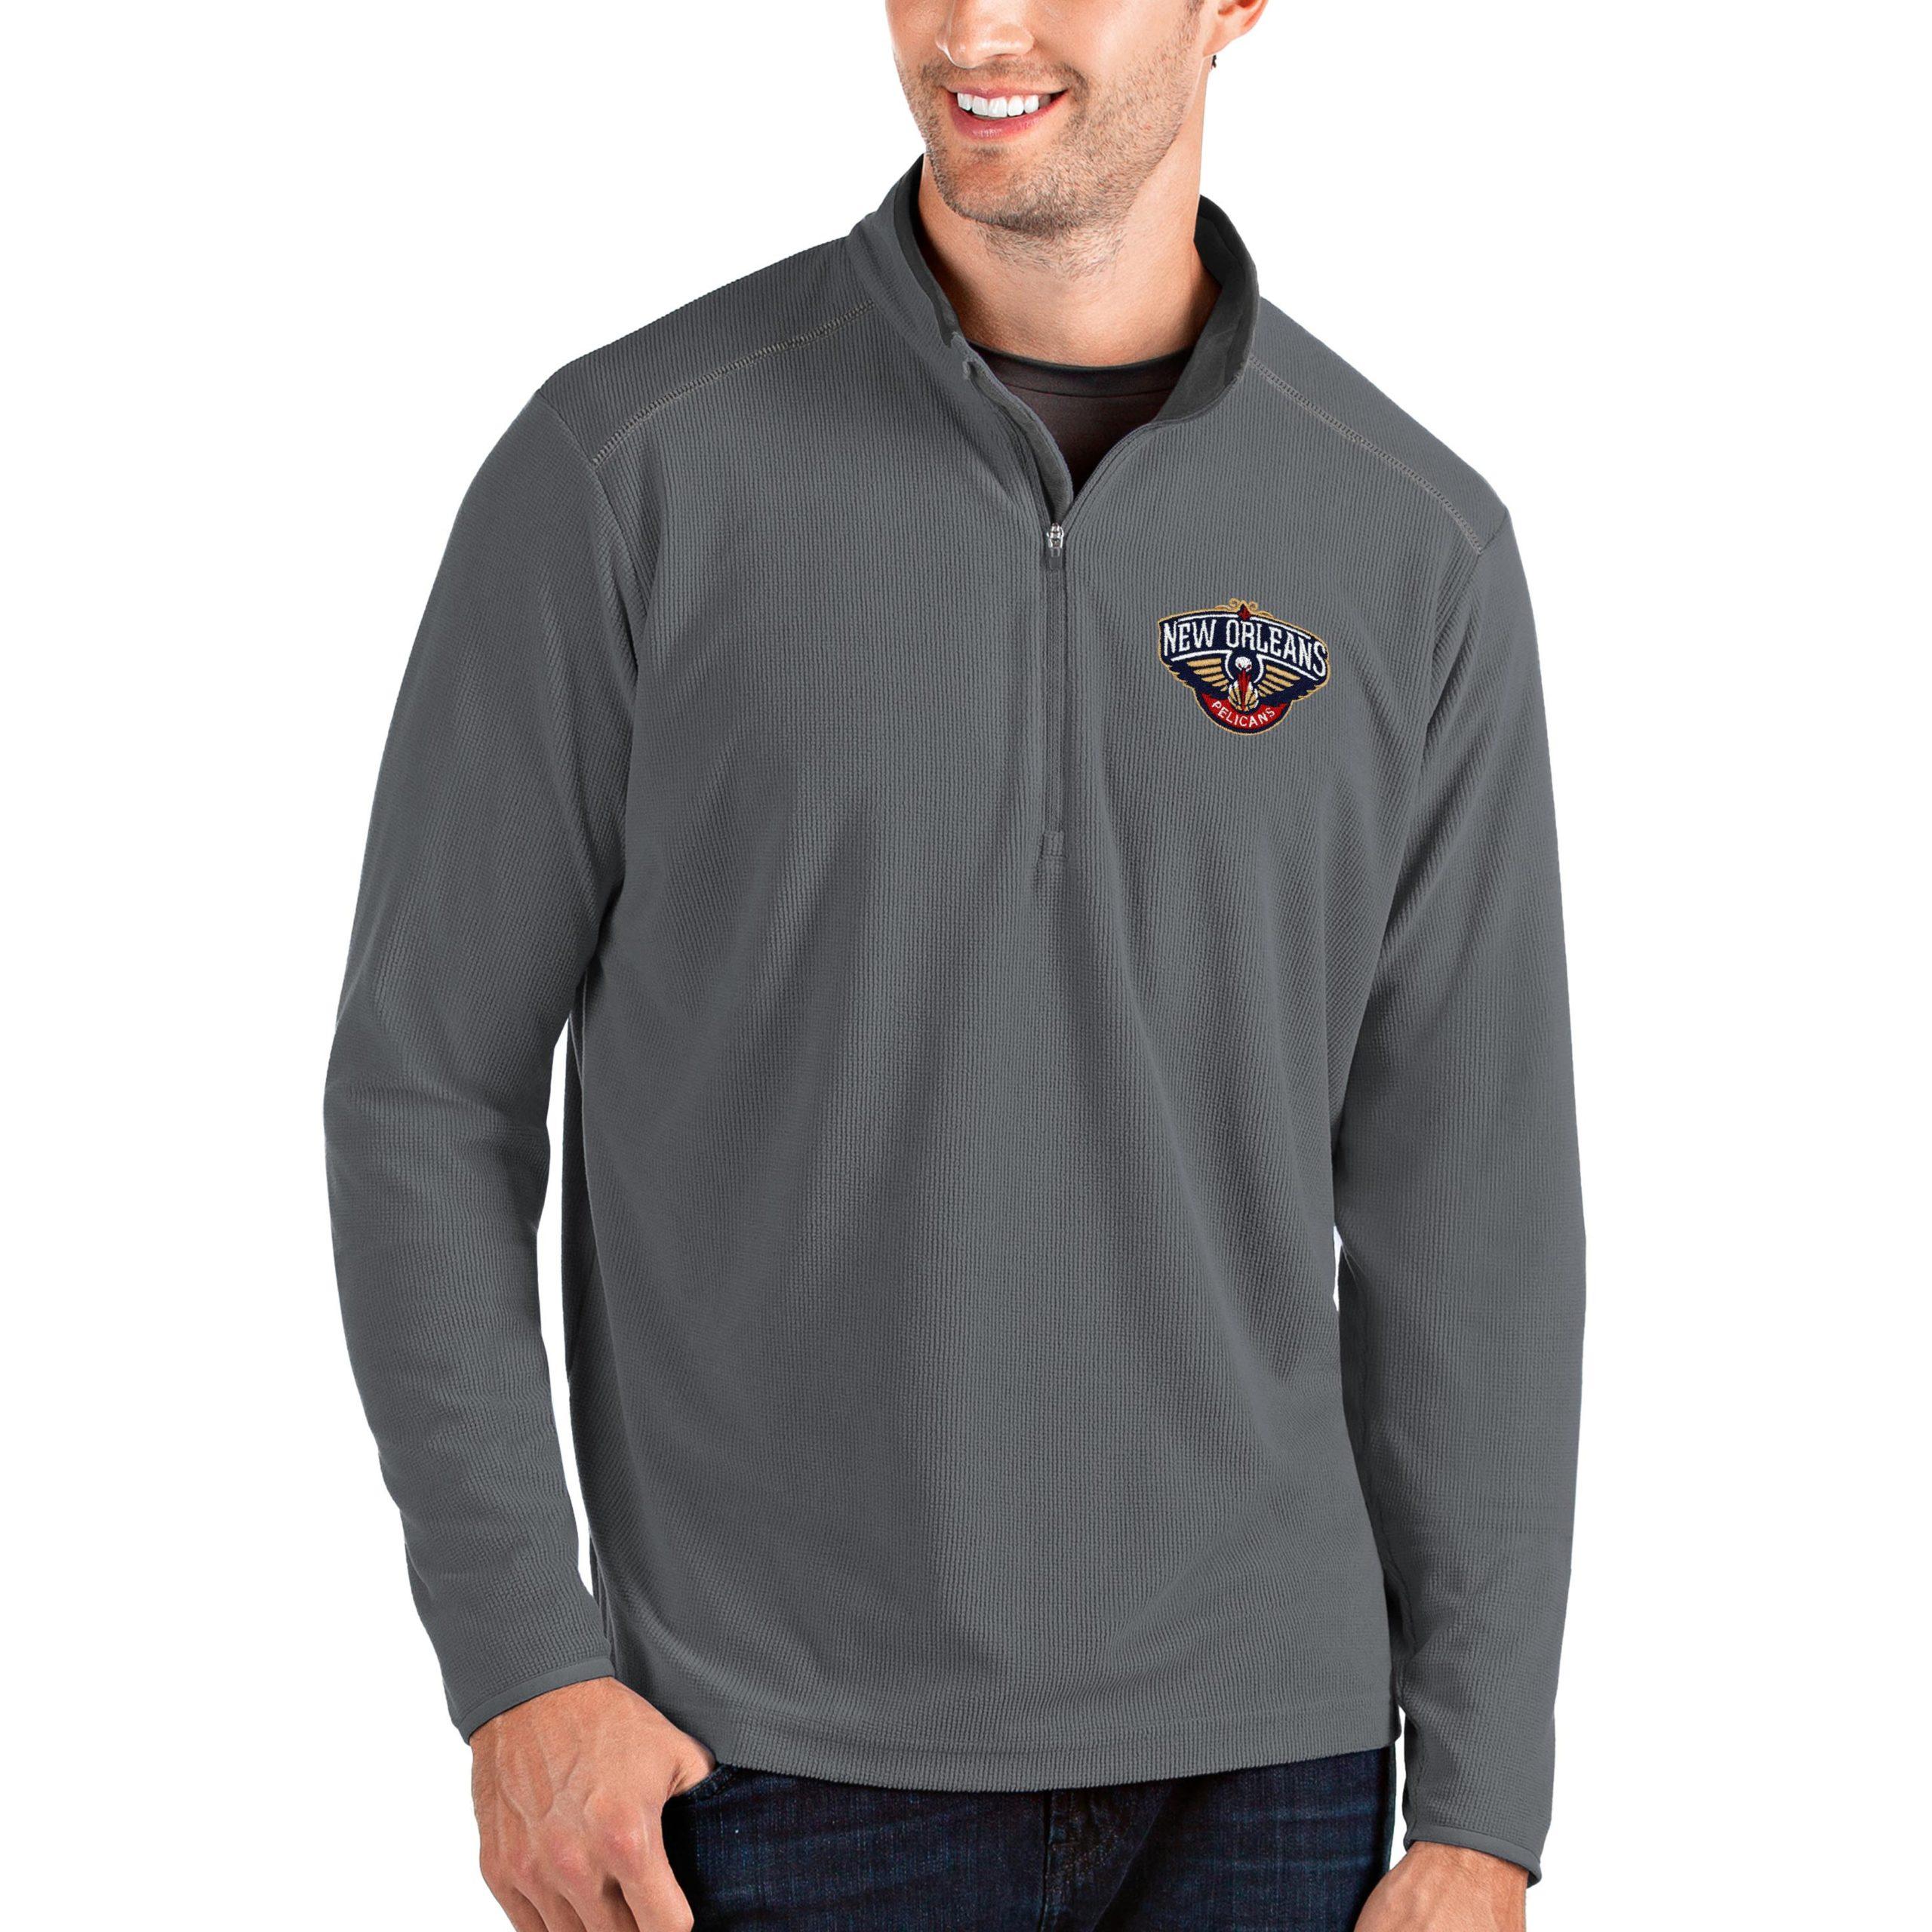 New Orleans Pelicans Antigua Big & Tall Glacier Quarter-Zip Pullover Jacket - Gray/Gray